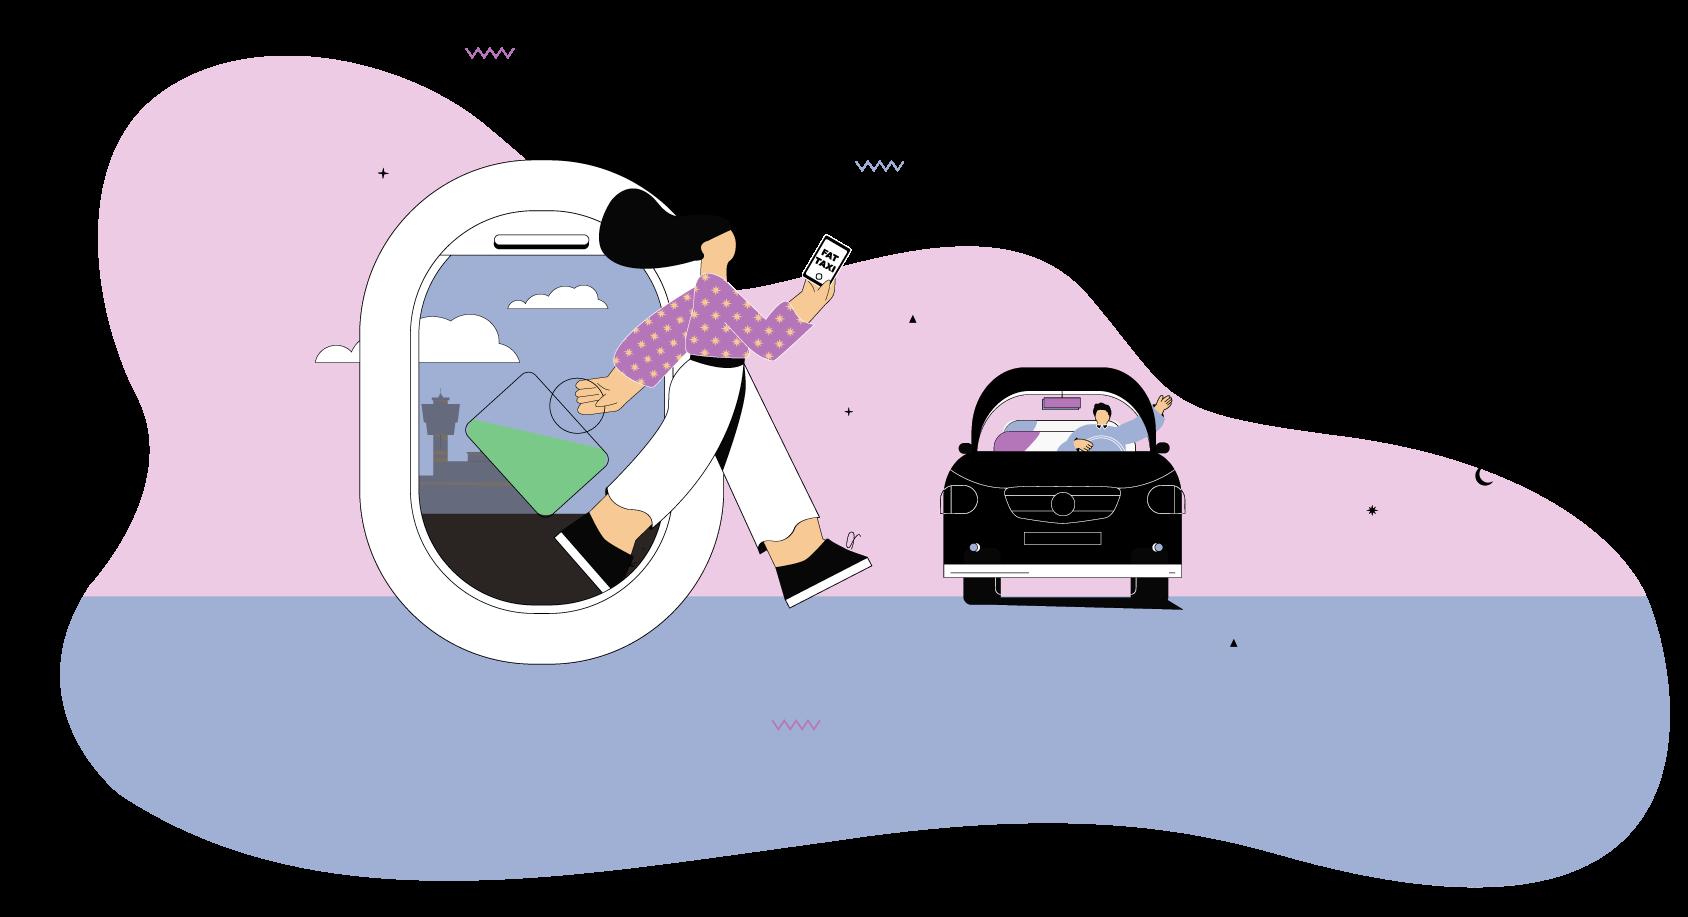 MD-fattaxi-illustration-1